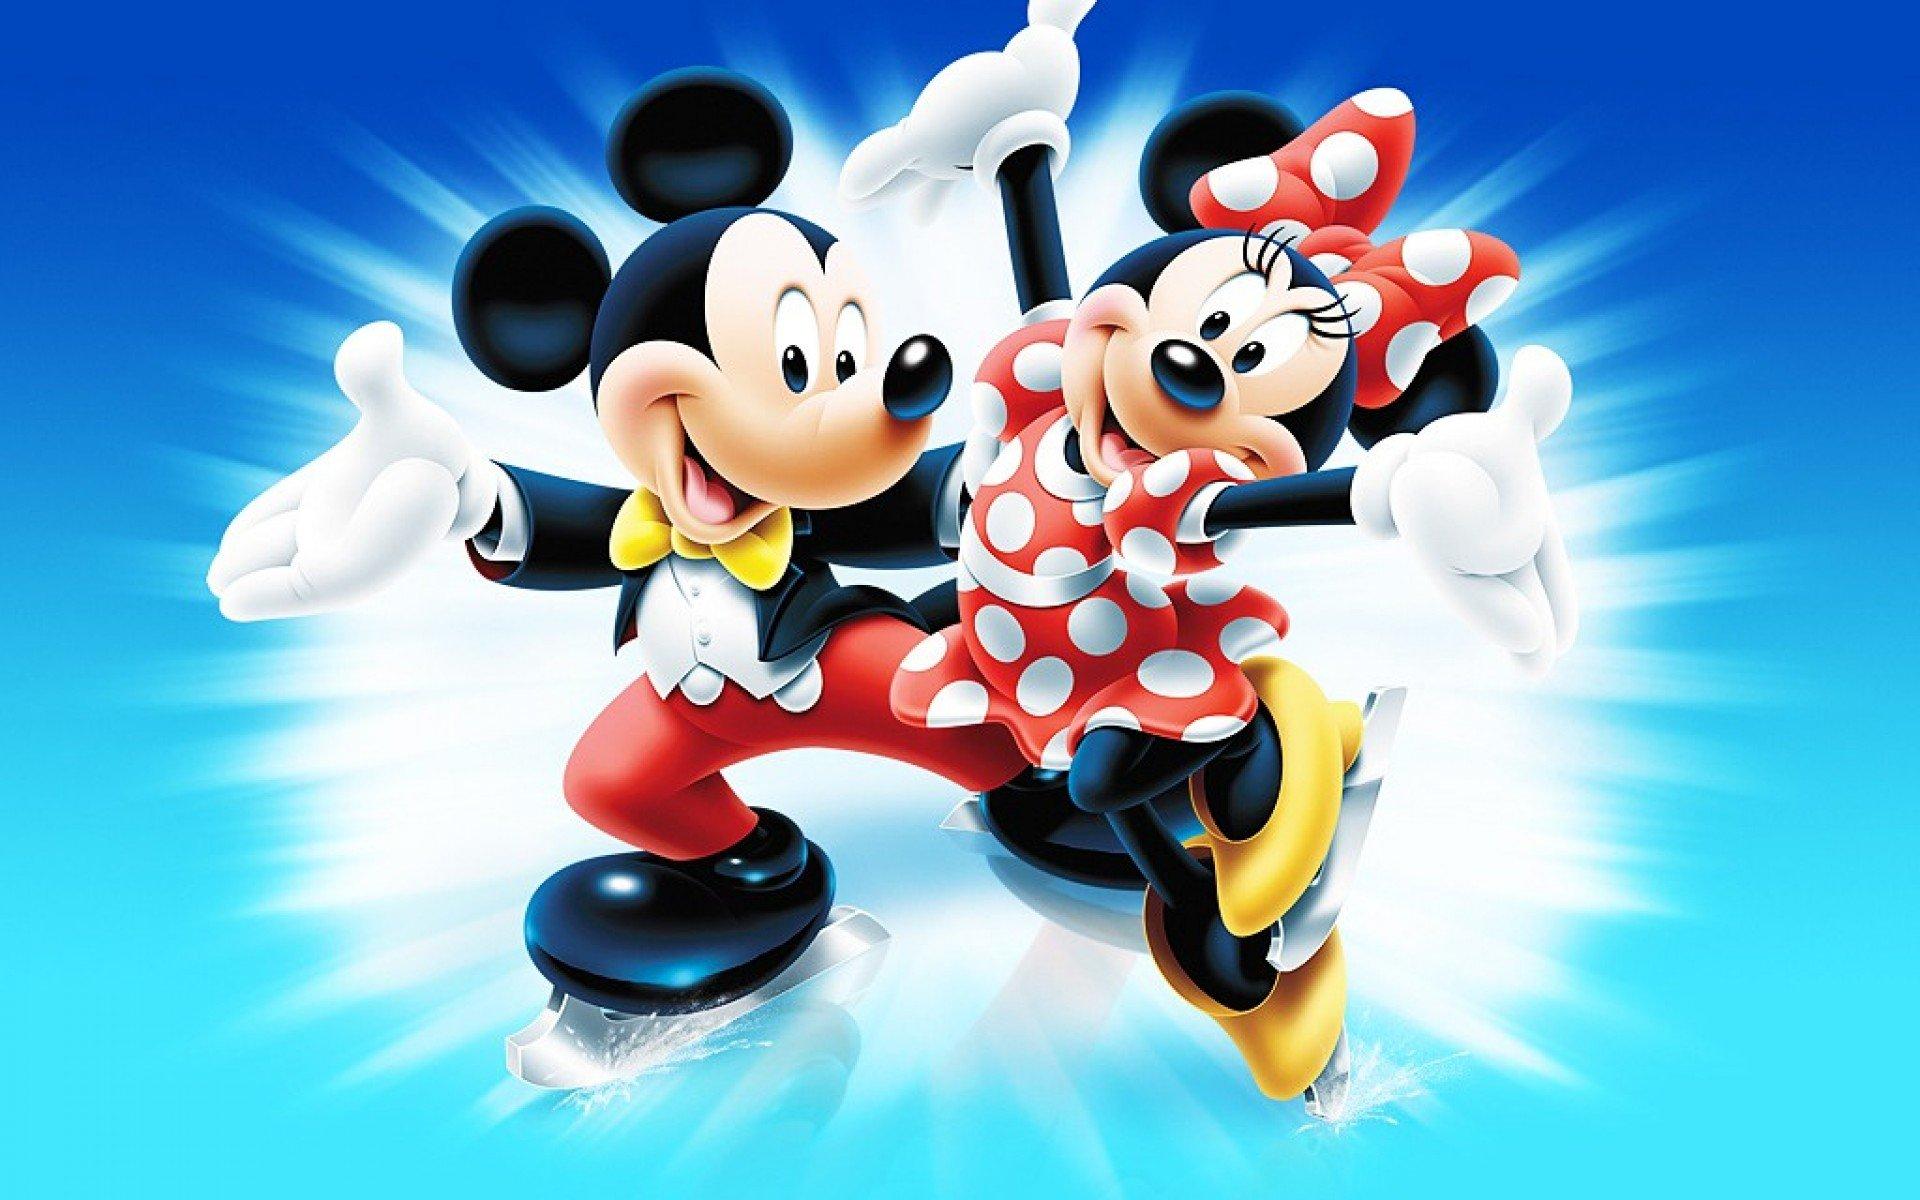 Met Mickey en Minnie de wereld rond